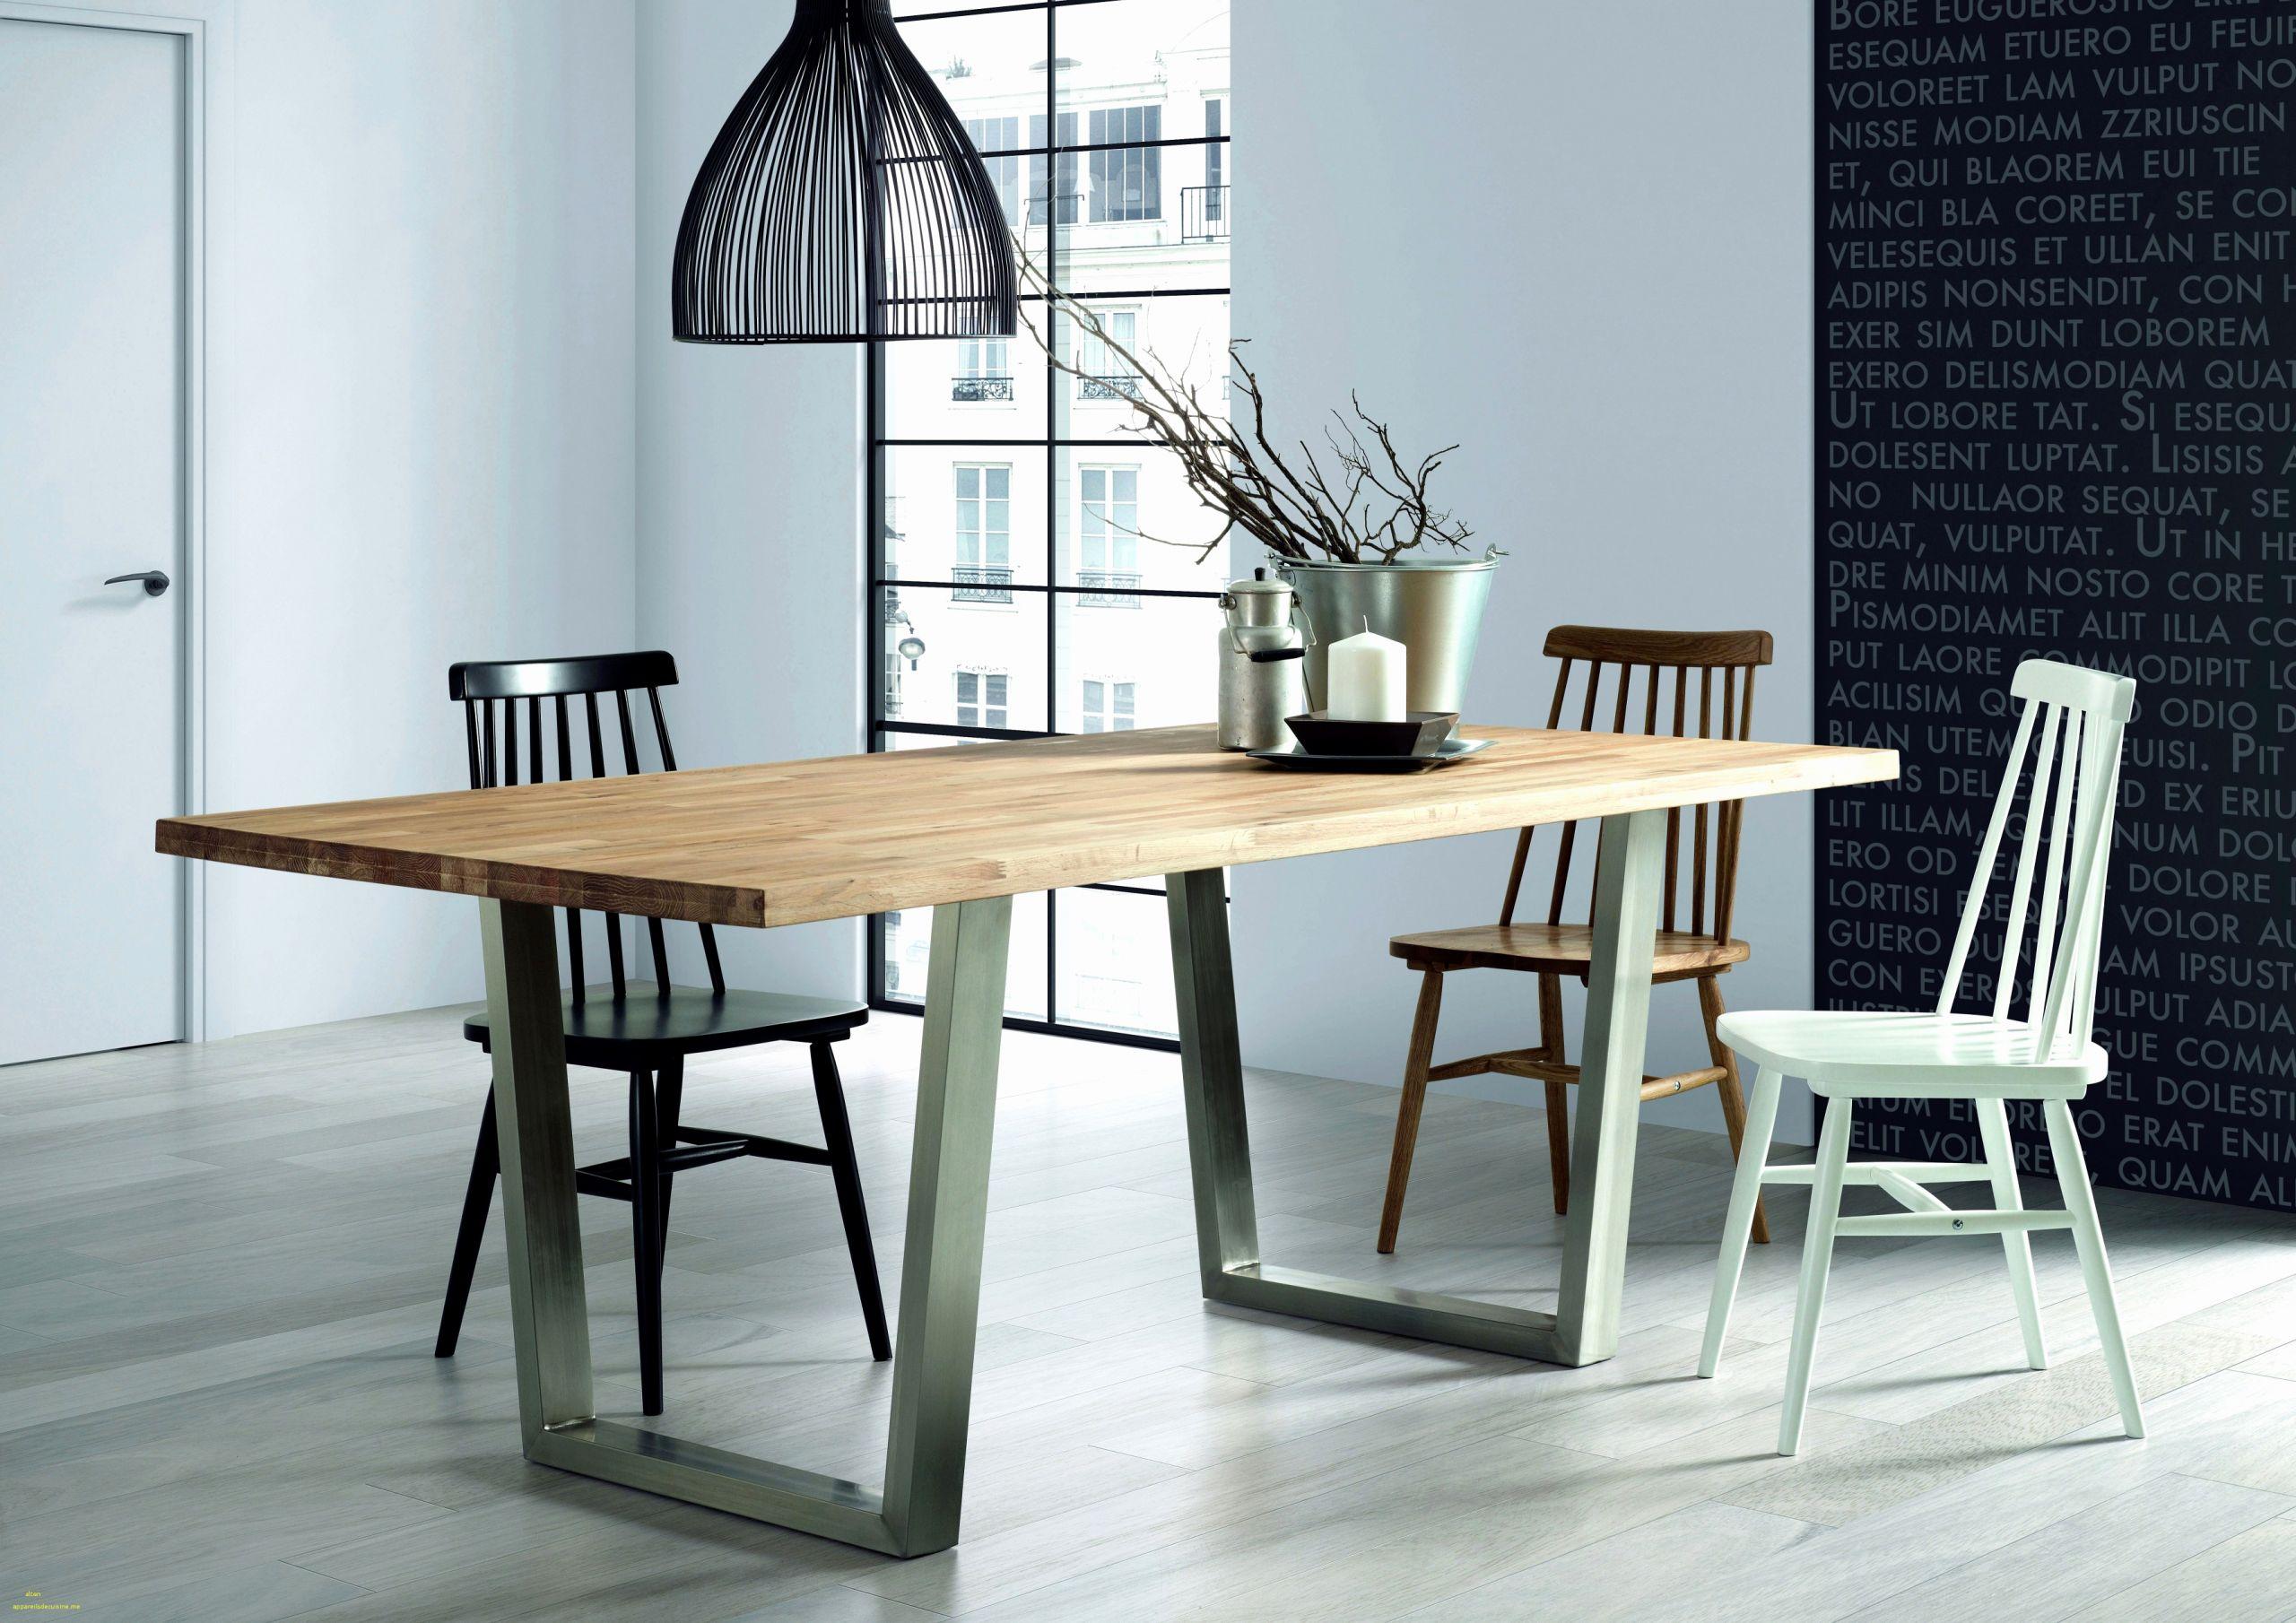 carrefour table pliante nouveau etonnant table de jardin mosaique carrefour ou table et banc pliant of carrefour table pliante